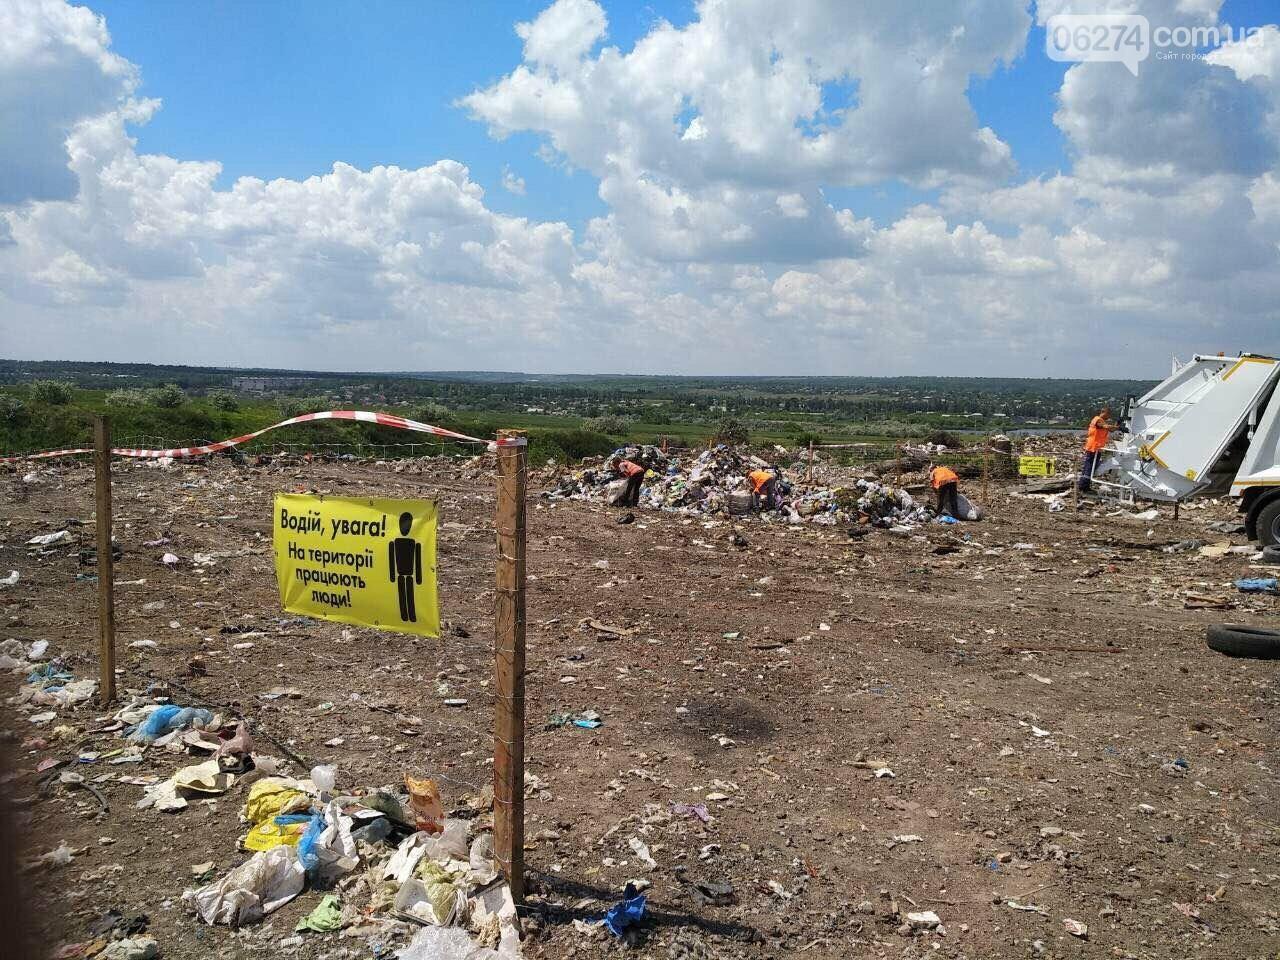 В Бахмуте начнут сортировать отходы, фото-2